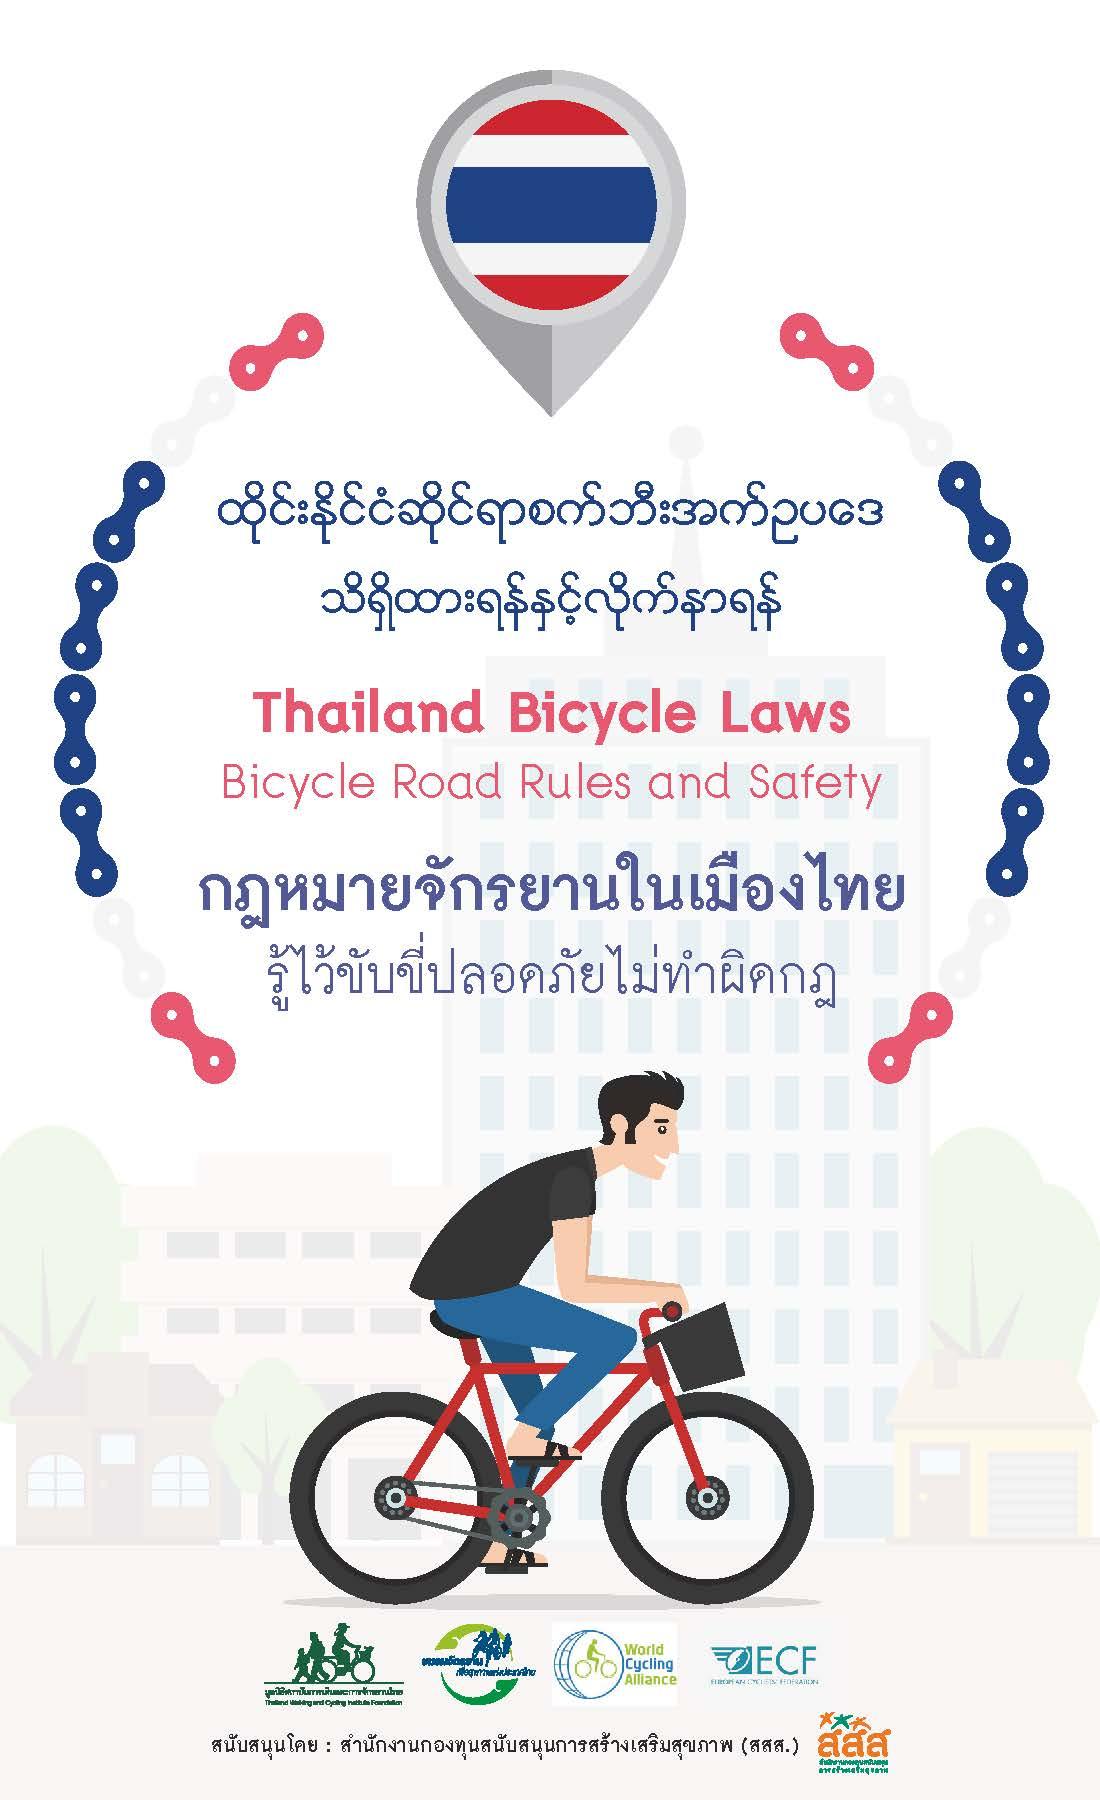 แผ่นพับกฎหมายจักรยาน  3 ภาษาไทย อังกฤษ พม่า